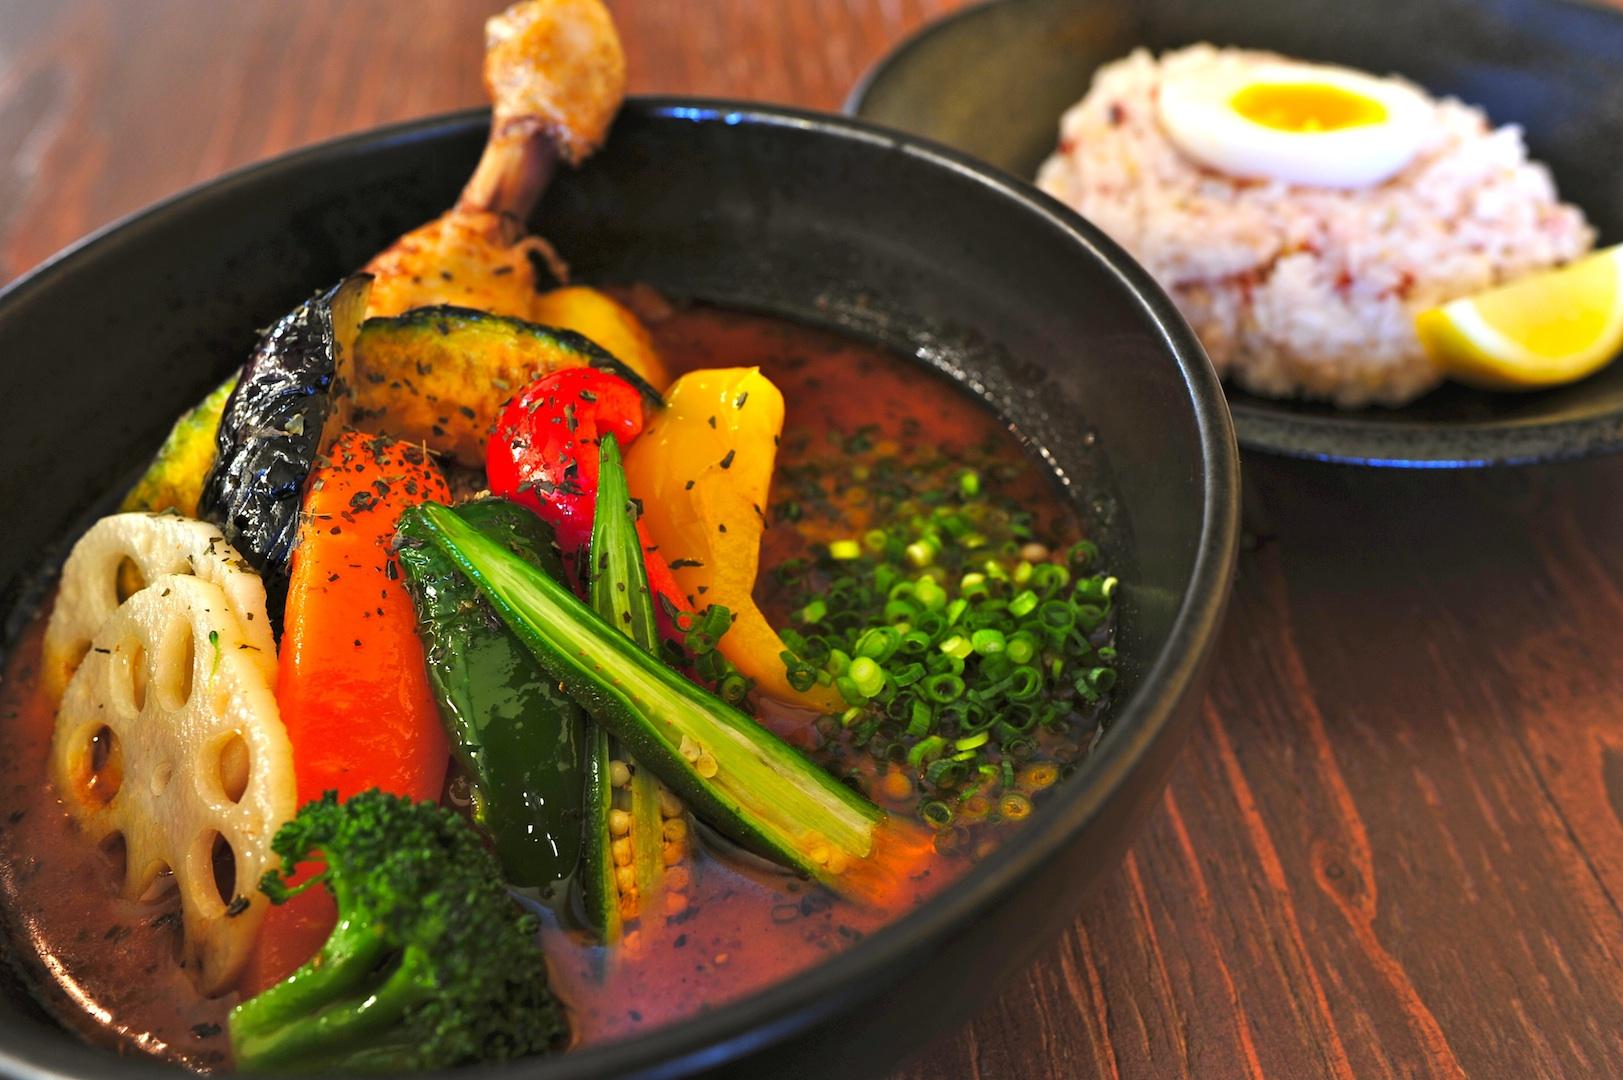 栄養満点!!スープカレーのカロリーと驚きの栄養効果を調査!のサムネイル画像